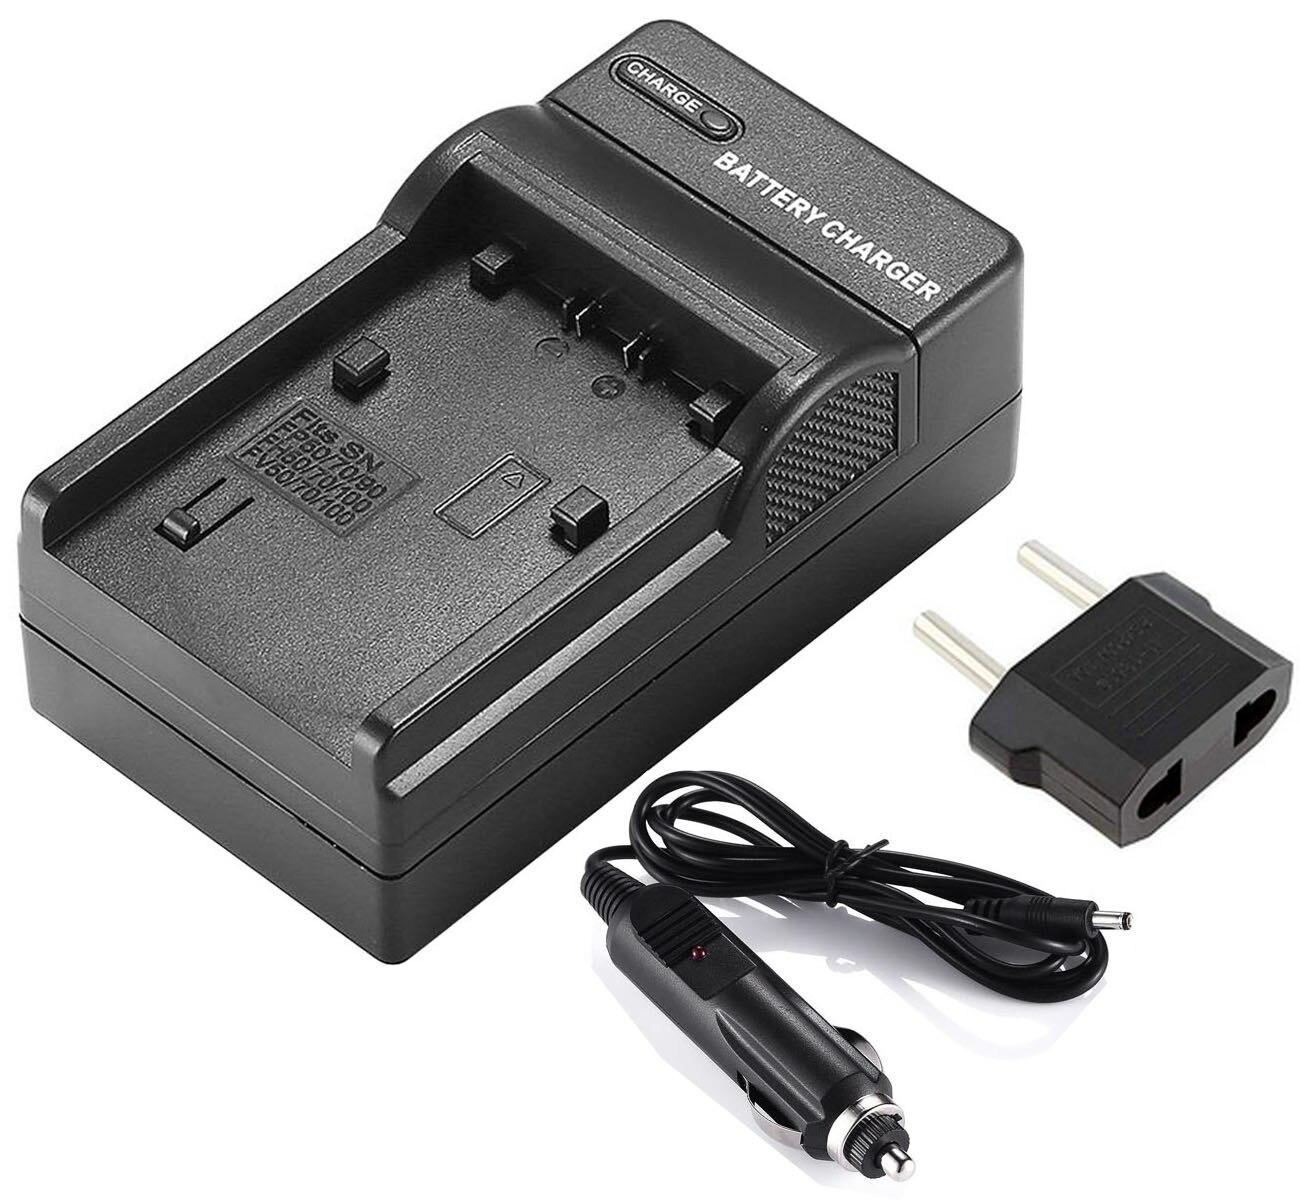 Cargador de batería para Sony HDR-CX130, HDR-CX150, HDR-CX155, HDR-CX160, HDR-CX170, HDR-CX180, HDR-CX190,...